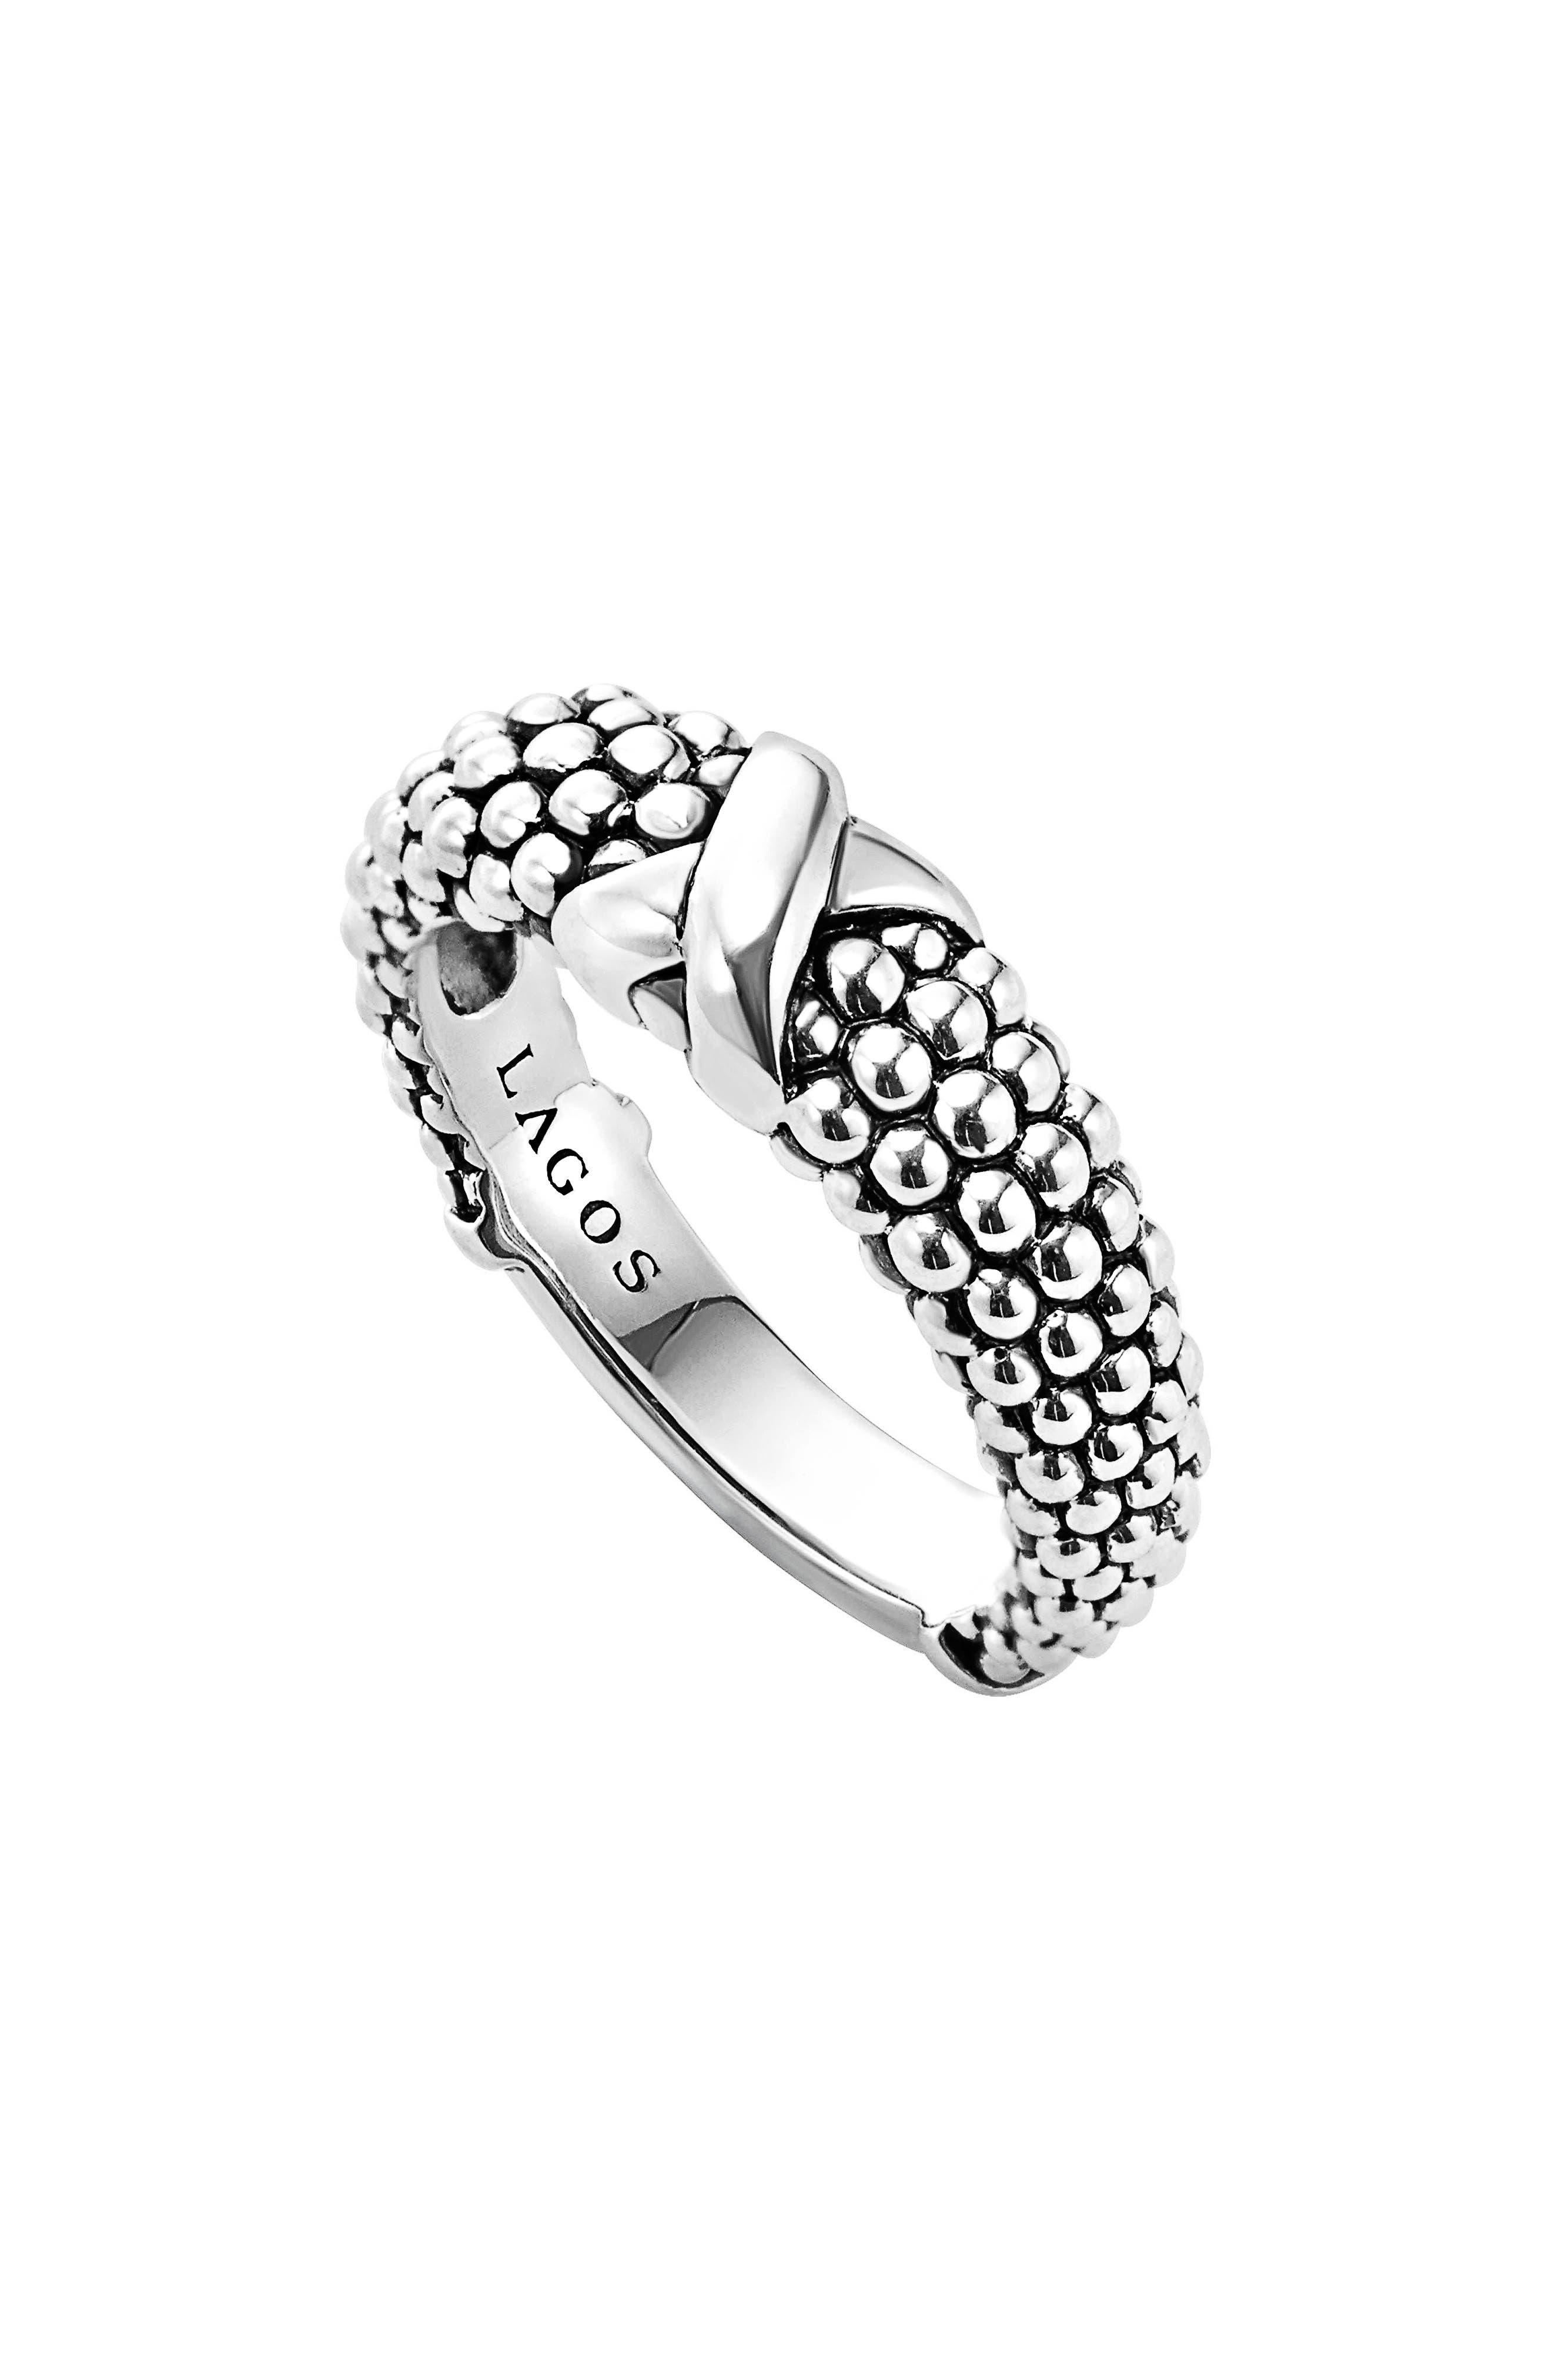 Main Image - LAGOS 'Signature Caviar' Ring